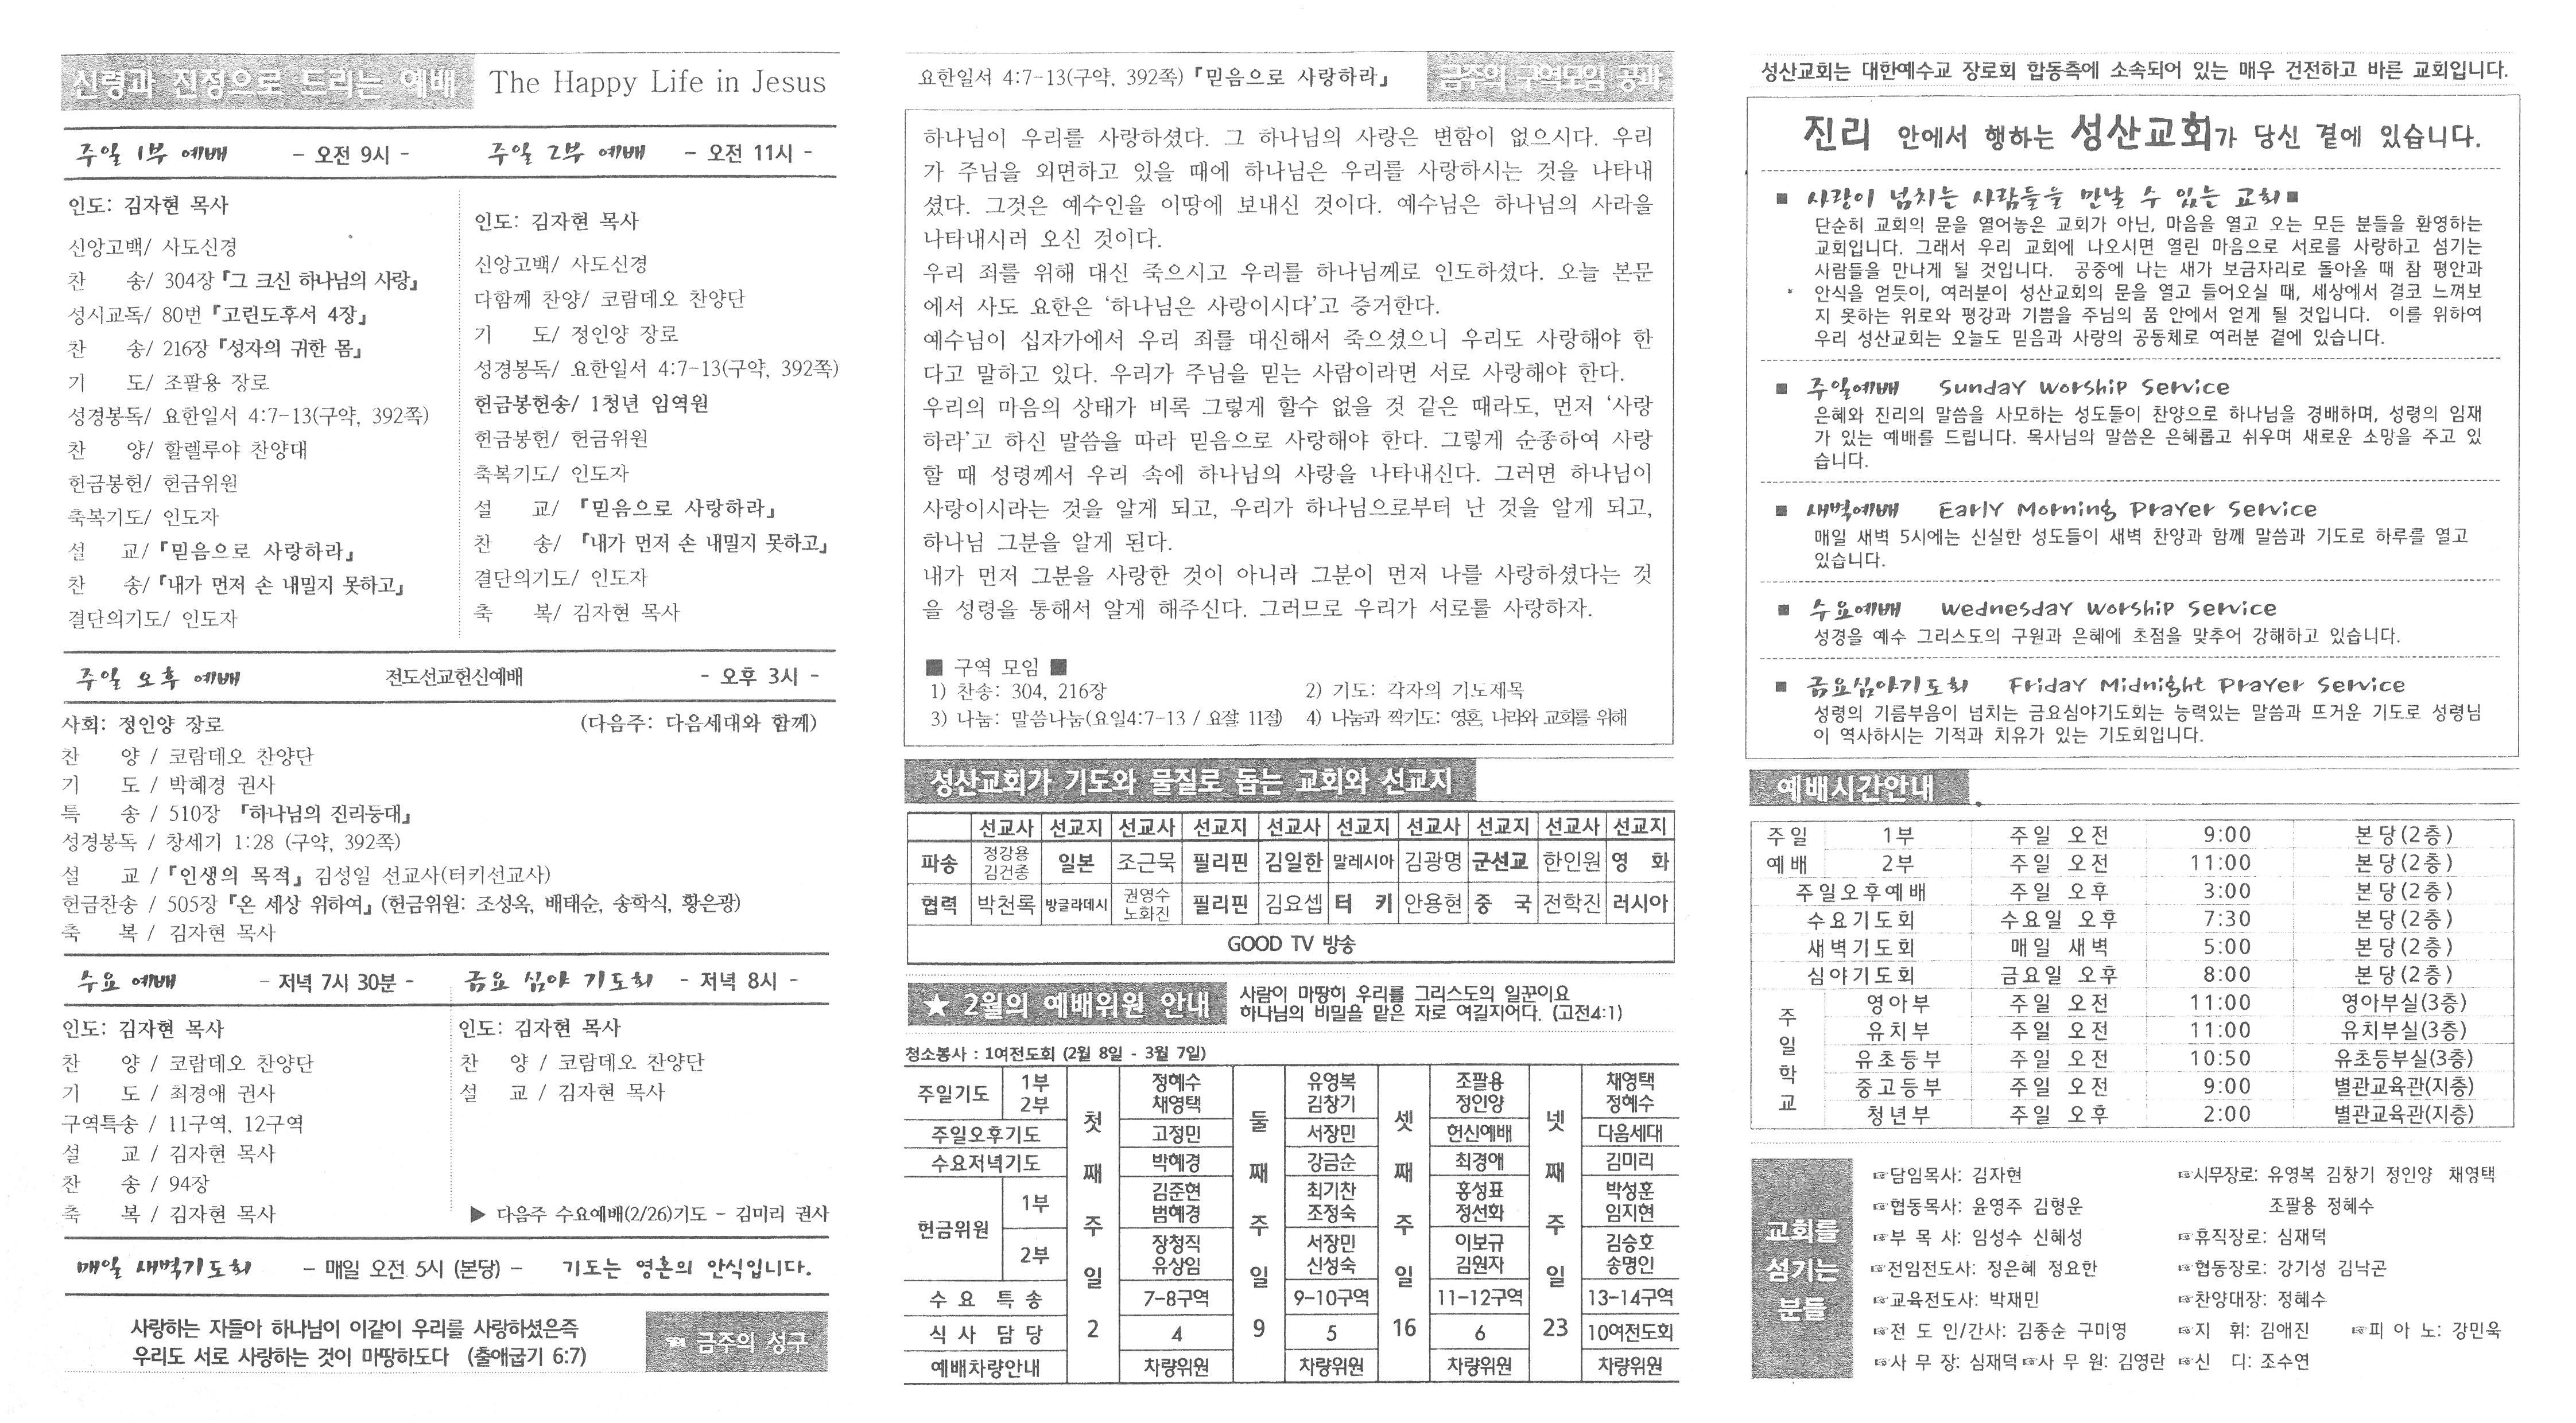 S22C-6e20021516130_0001.jpg